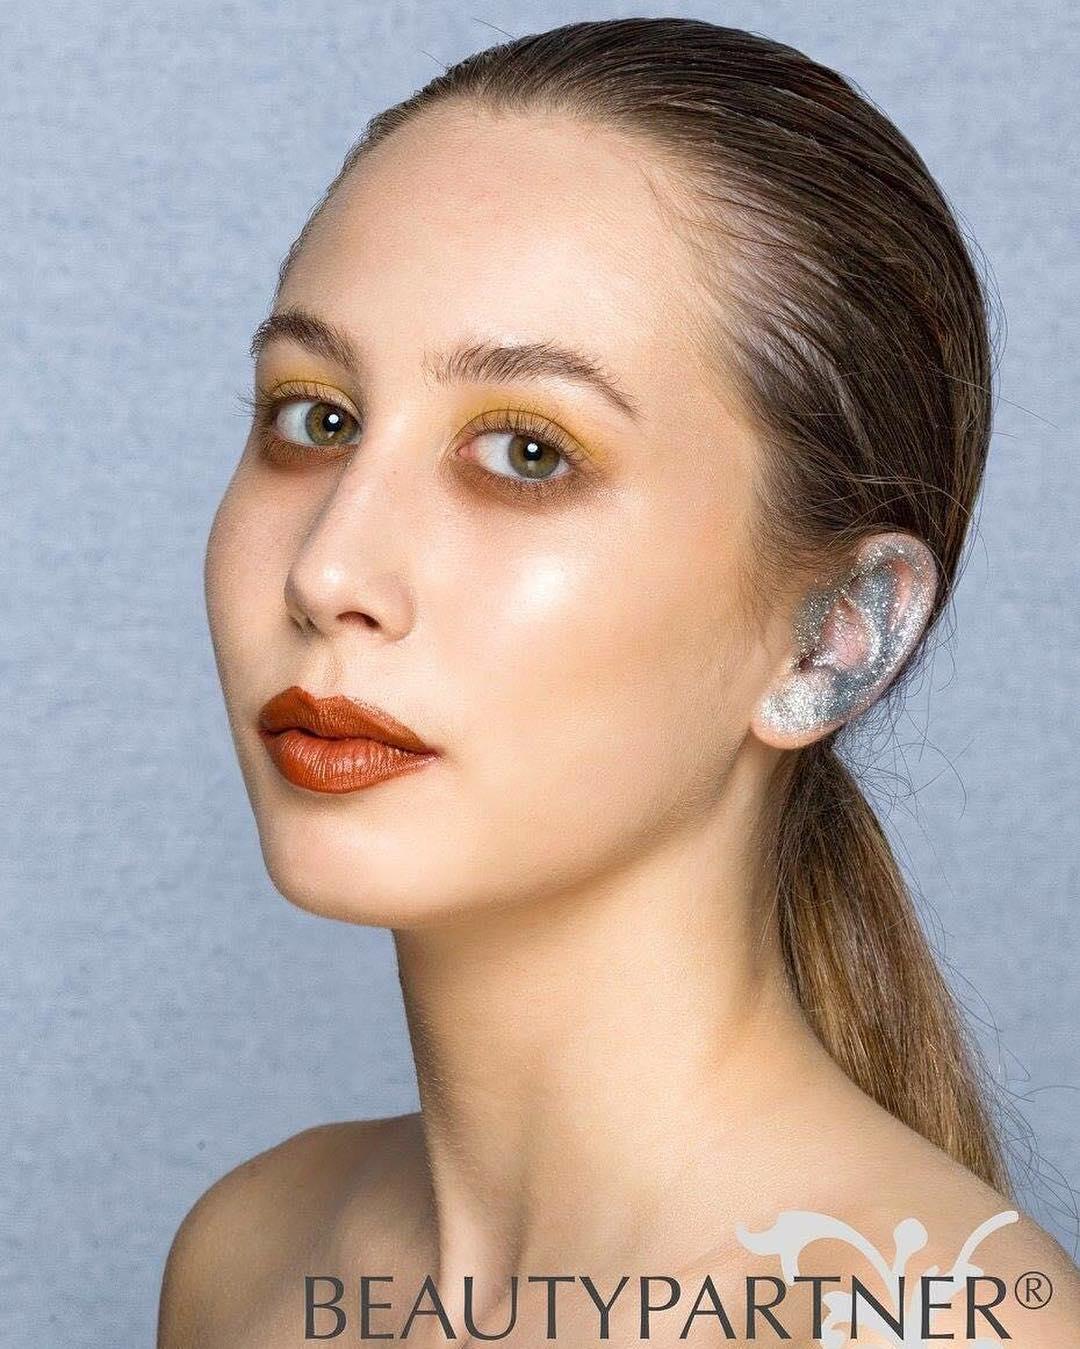 В краску вгоняешь: в инстаграме новый тренд — модники красят уши